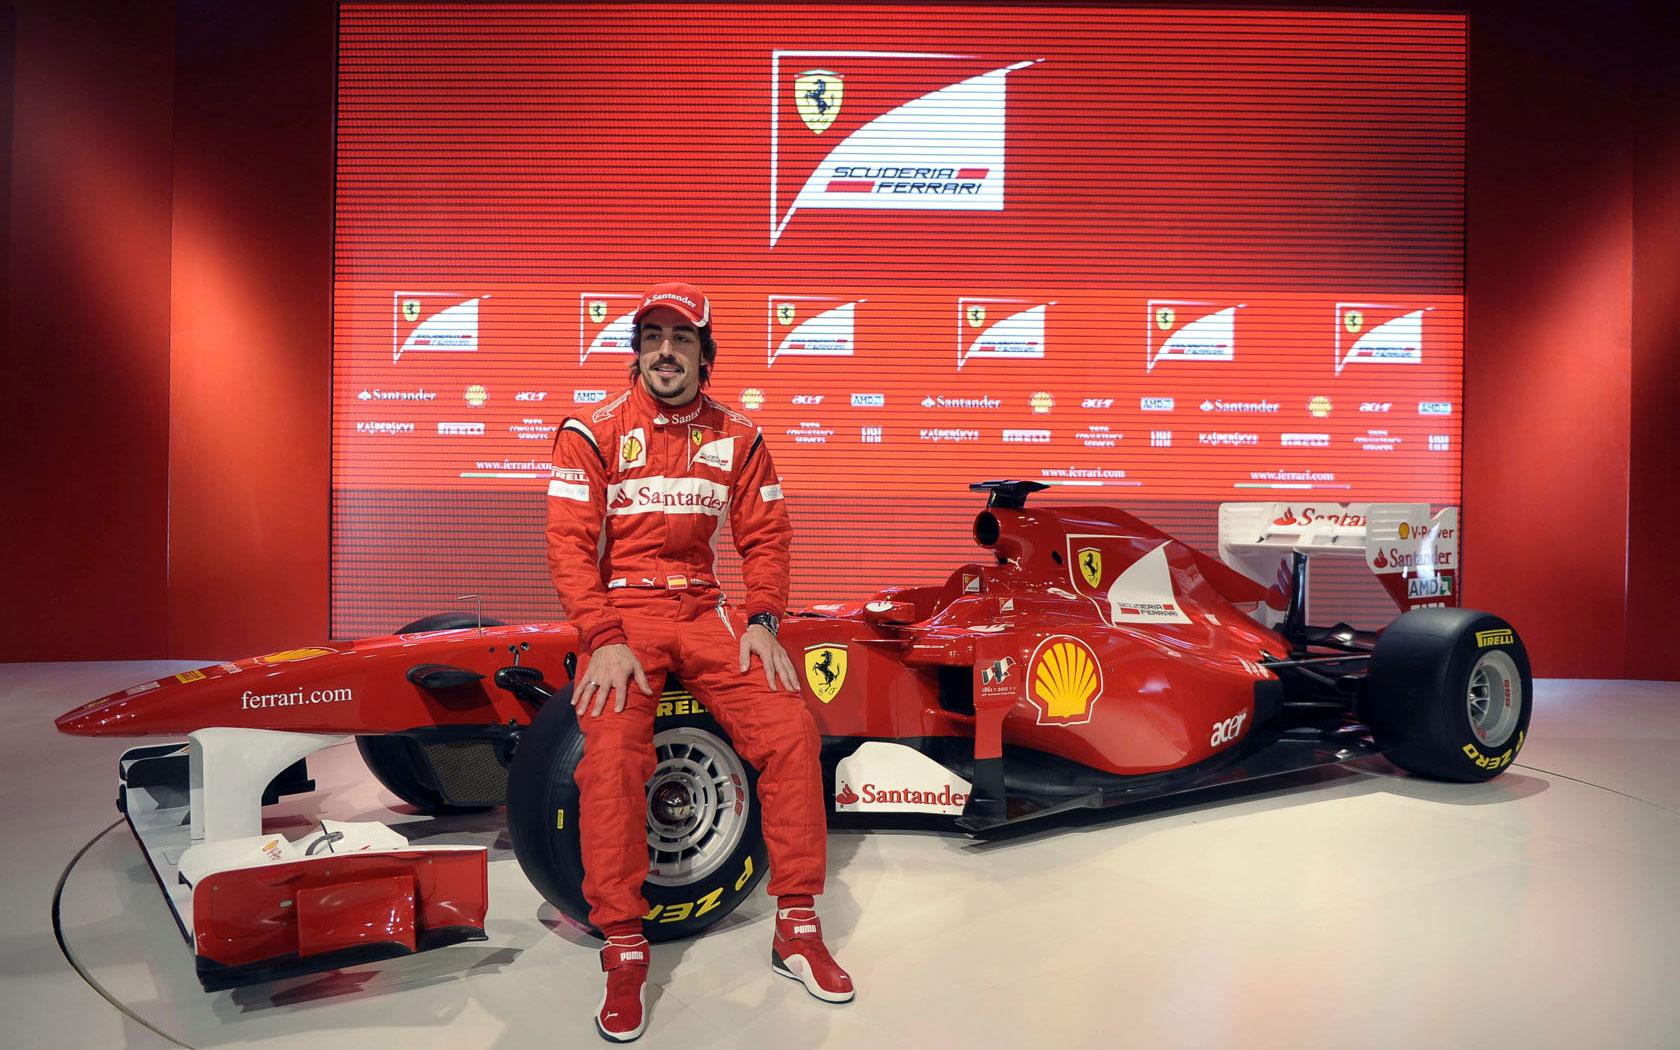 гонщик формулы-1, фото, обои, машина, красная для рабочего стола